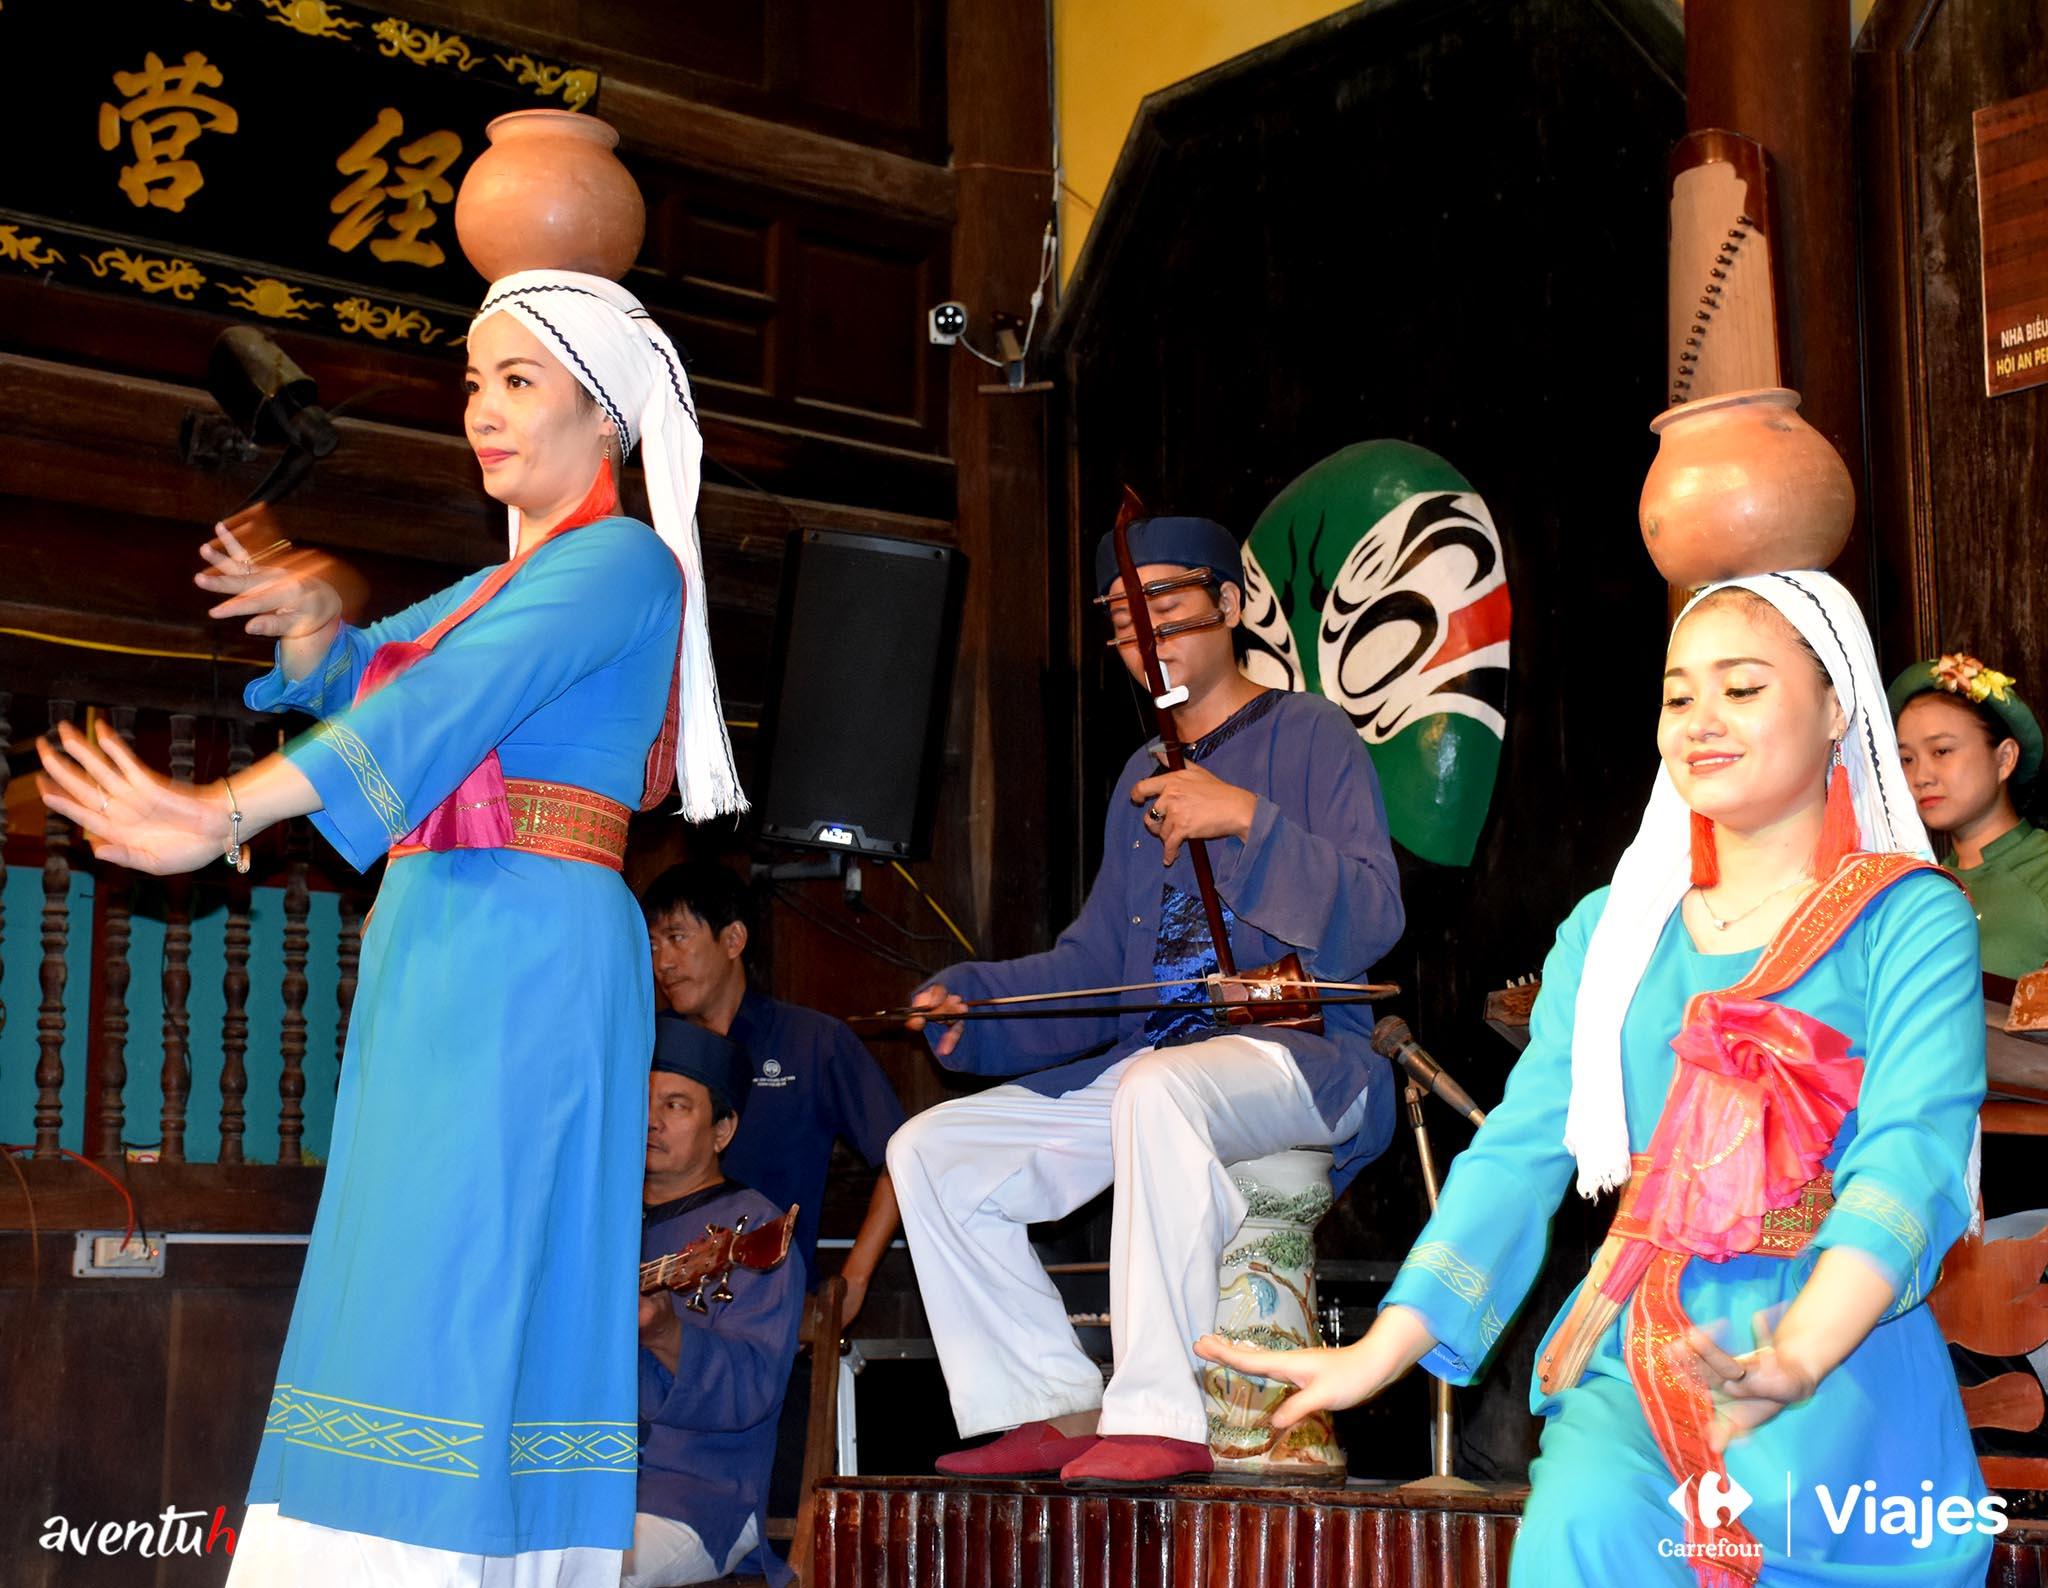 Baile típico de Hoi An